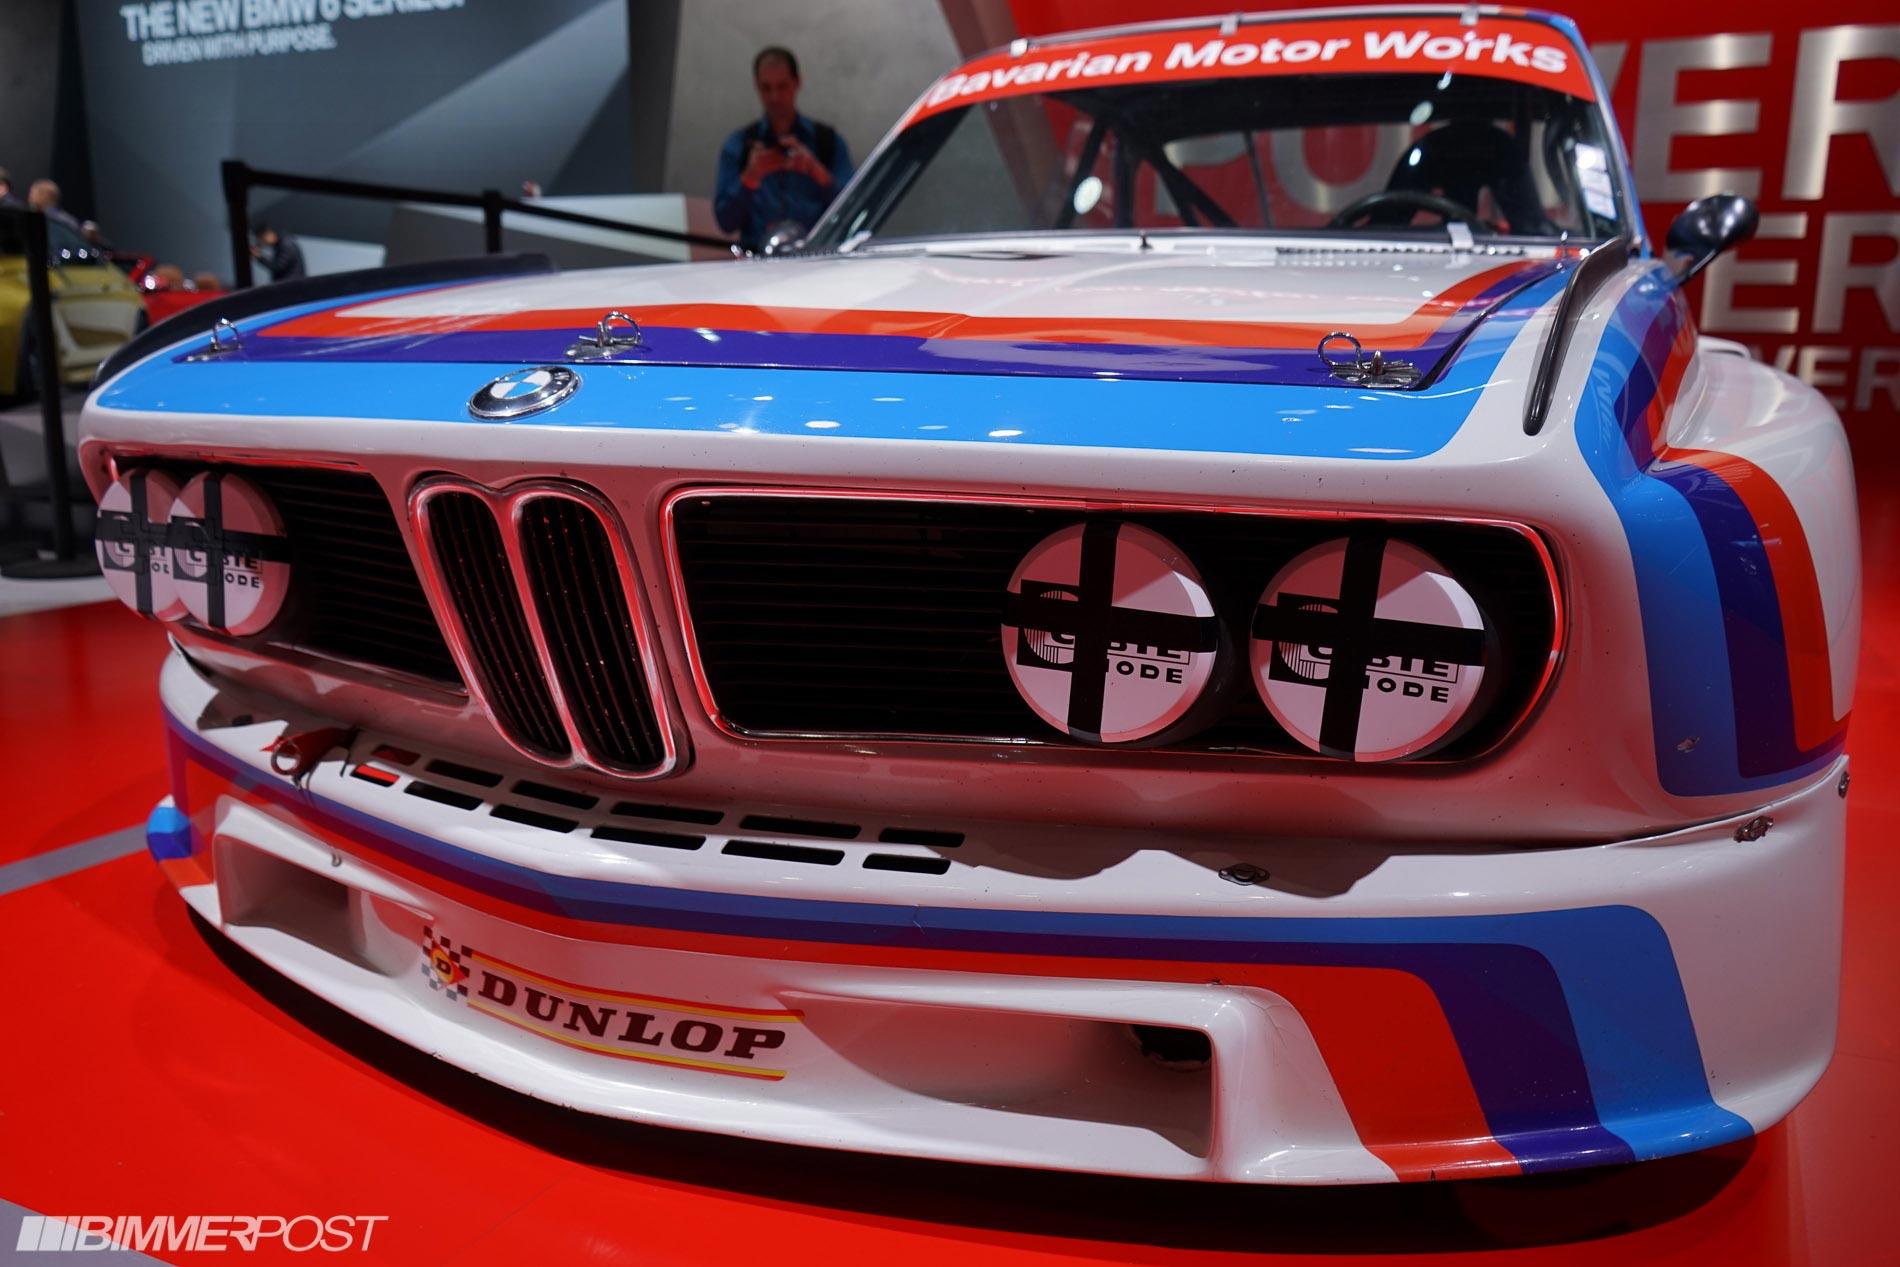 BMW e9 csl фары